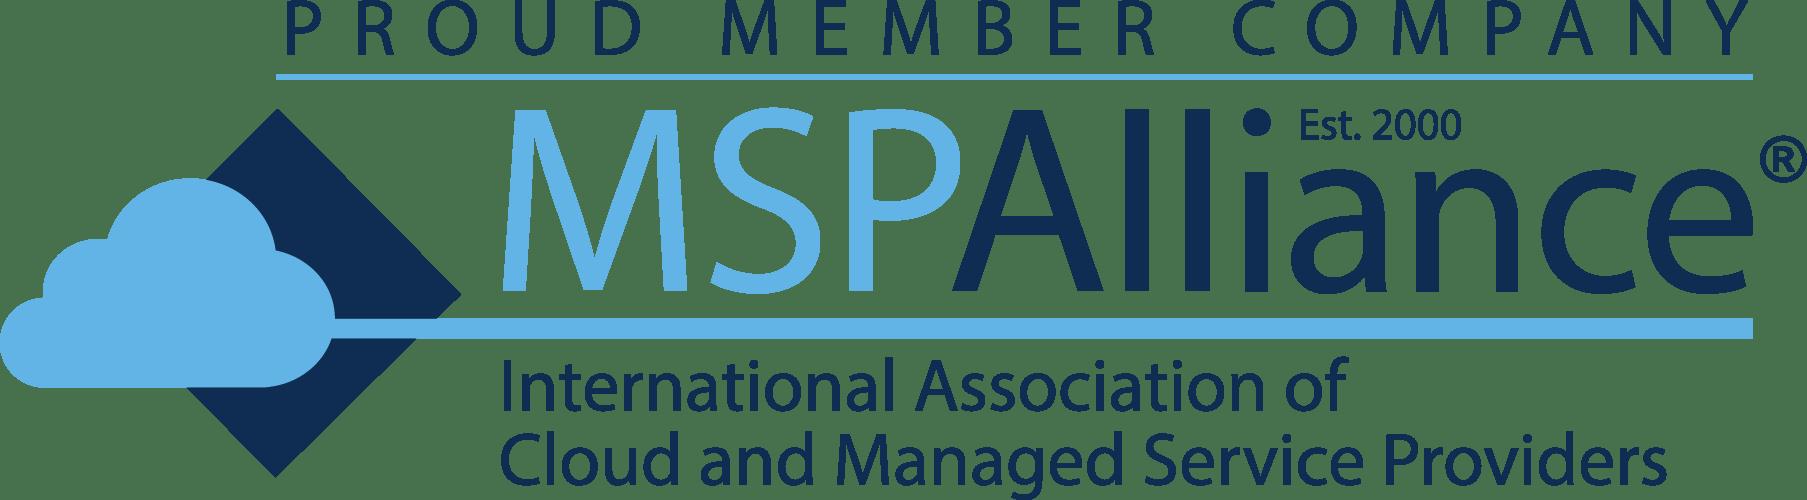 MSP Alliance Member